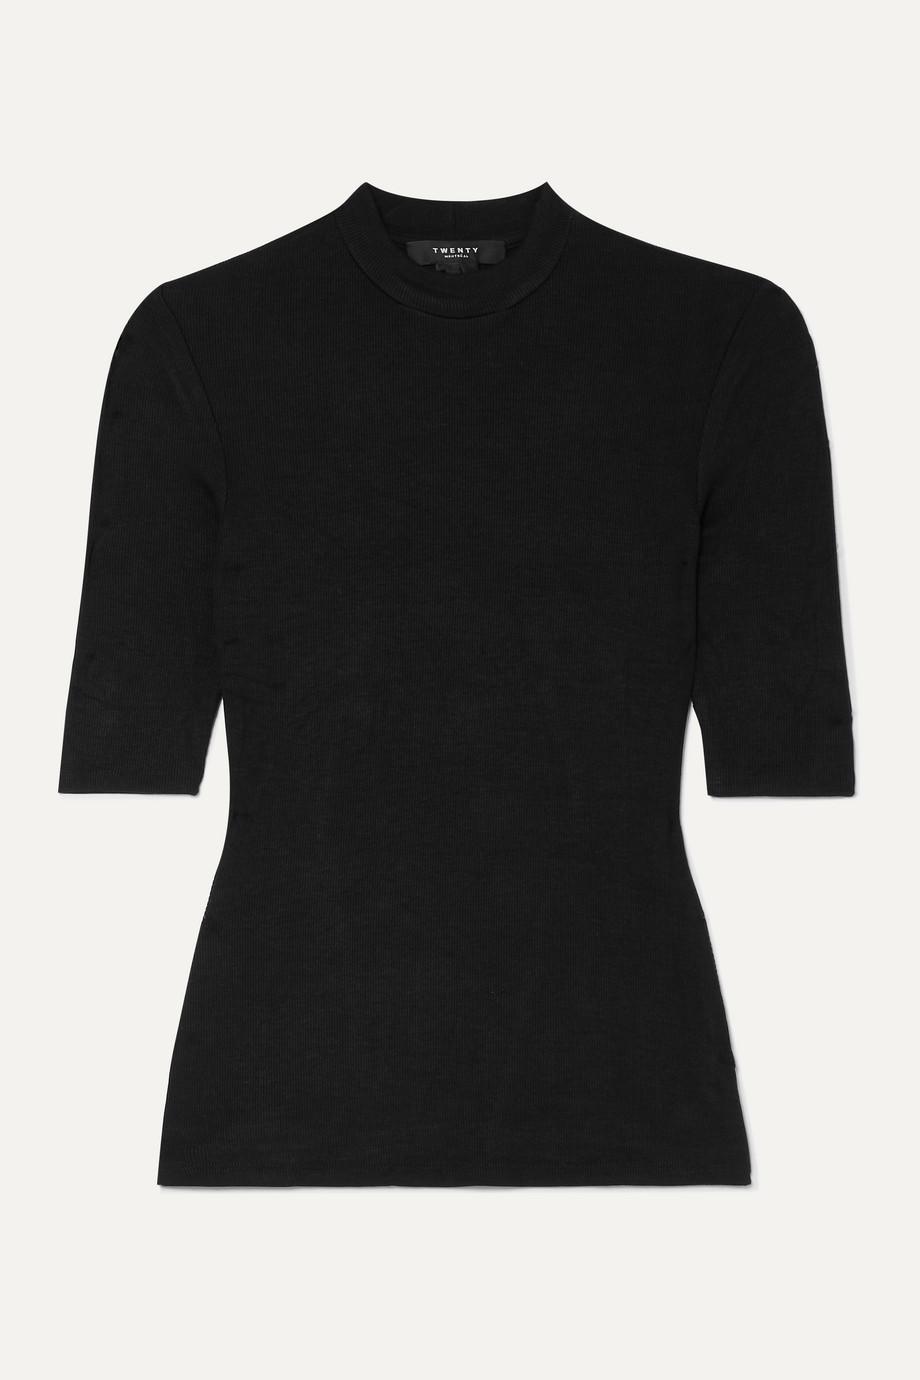 TWENTY Montréal Mackay T-Shirt aus geripptem Stretch-Jersey